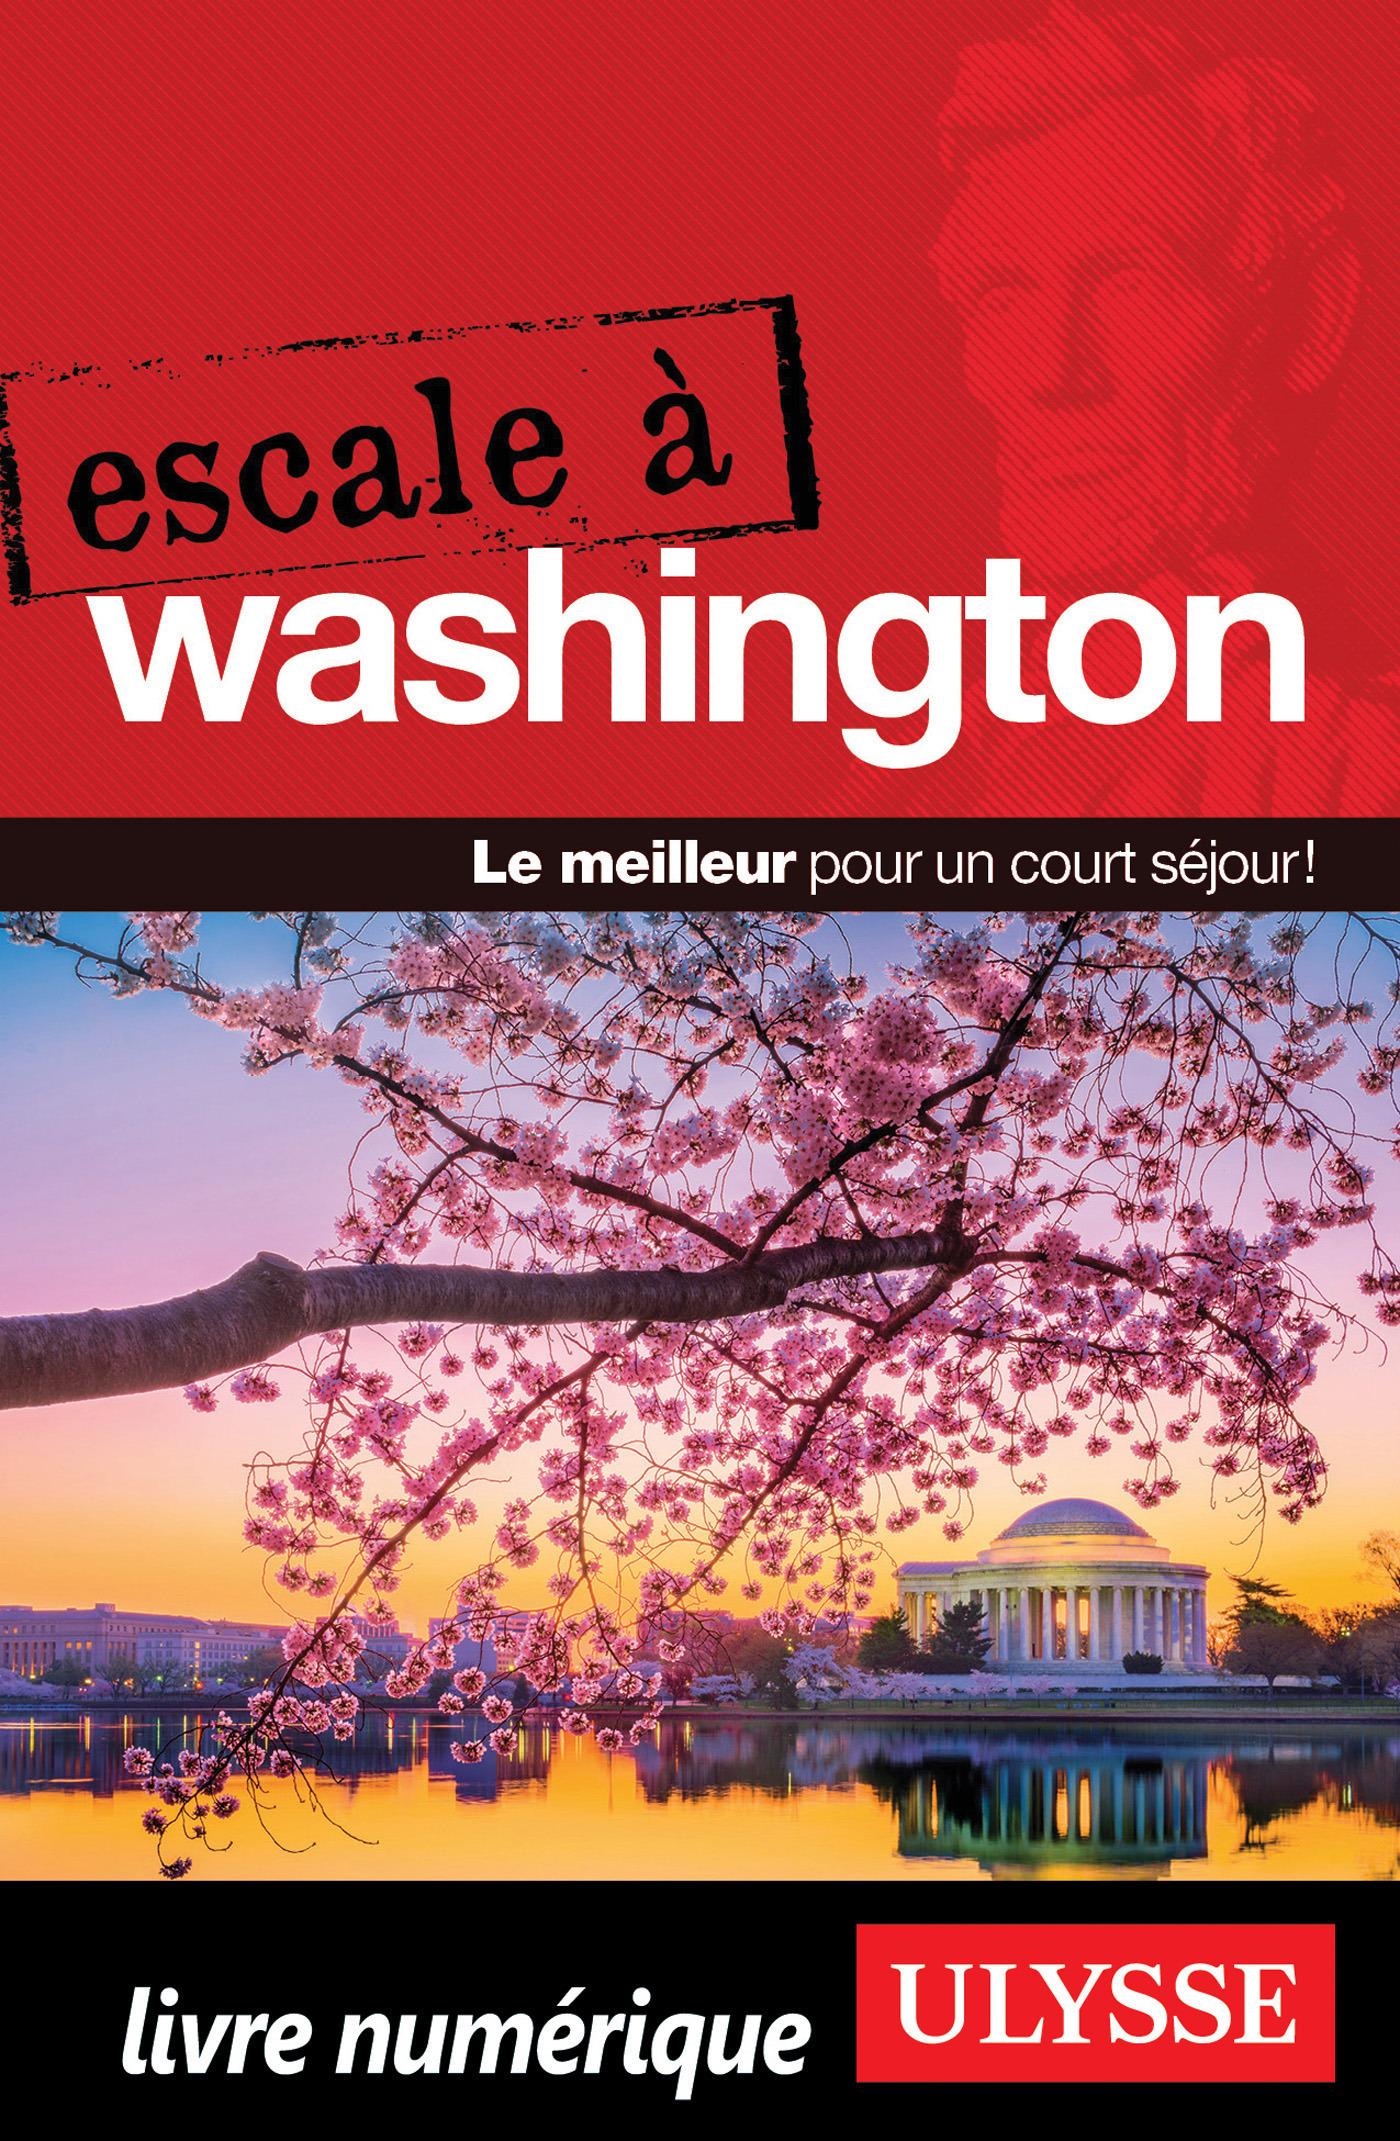 Escale à Washington - D.C.